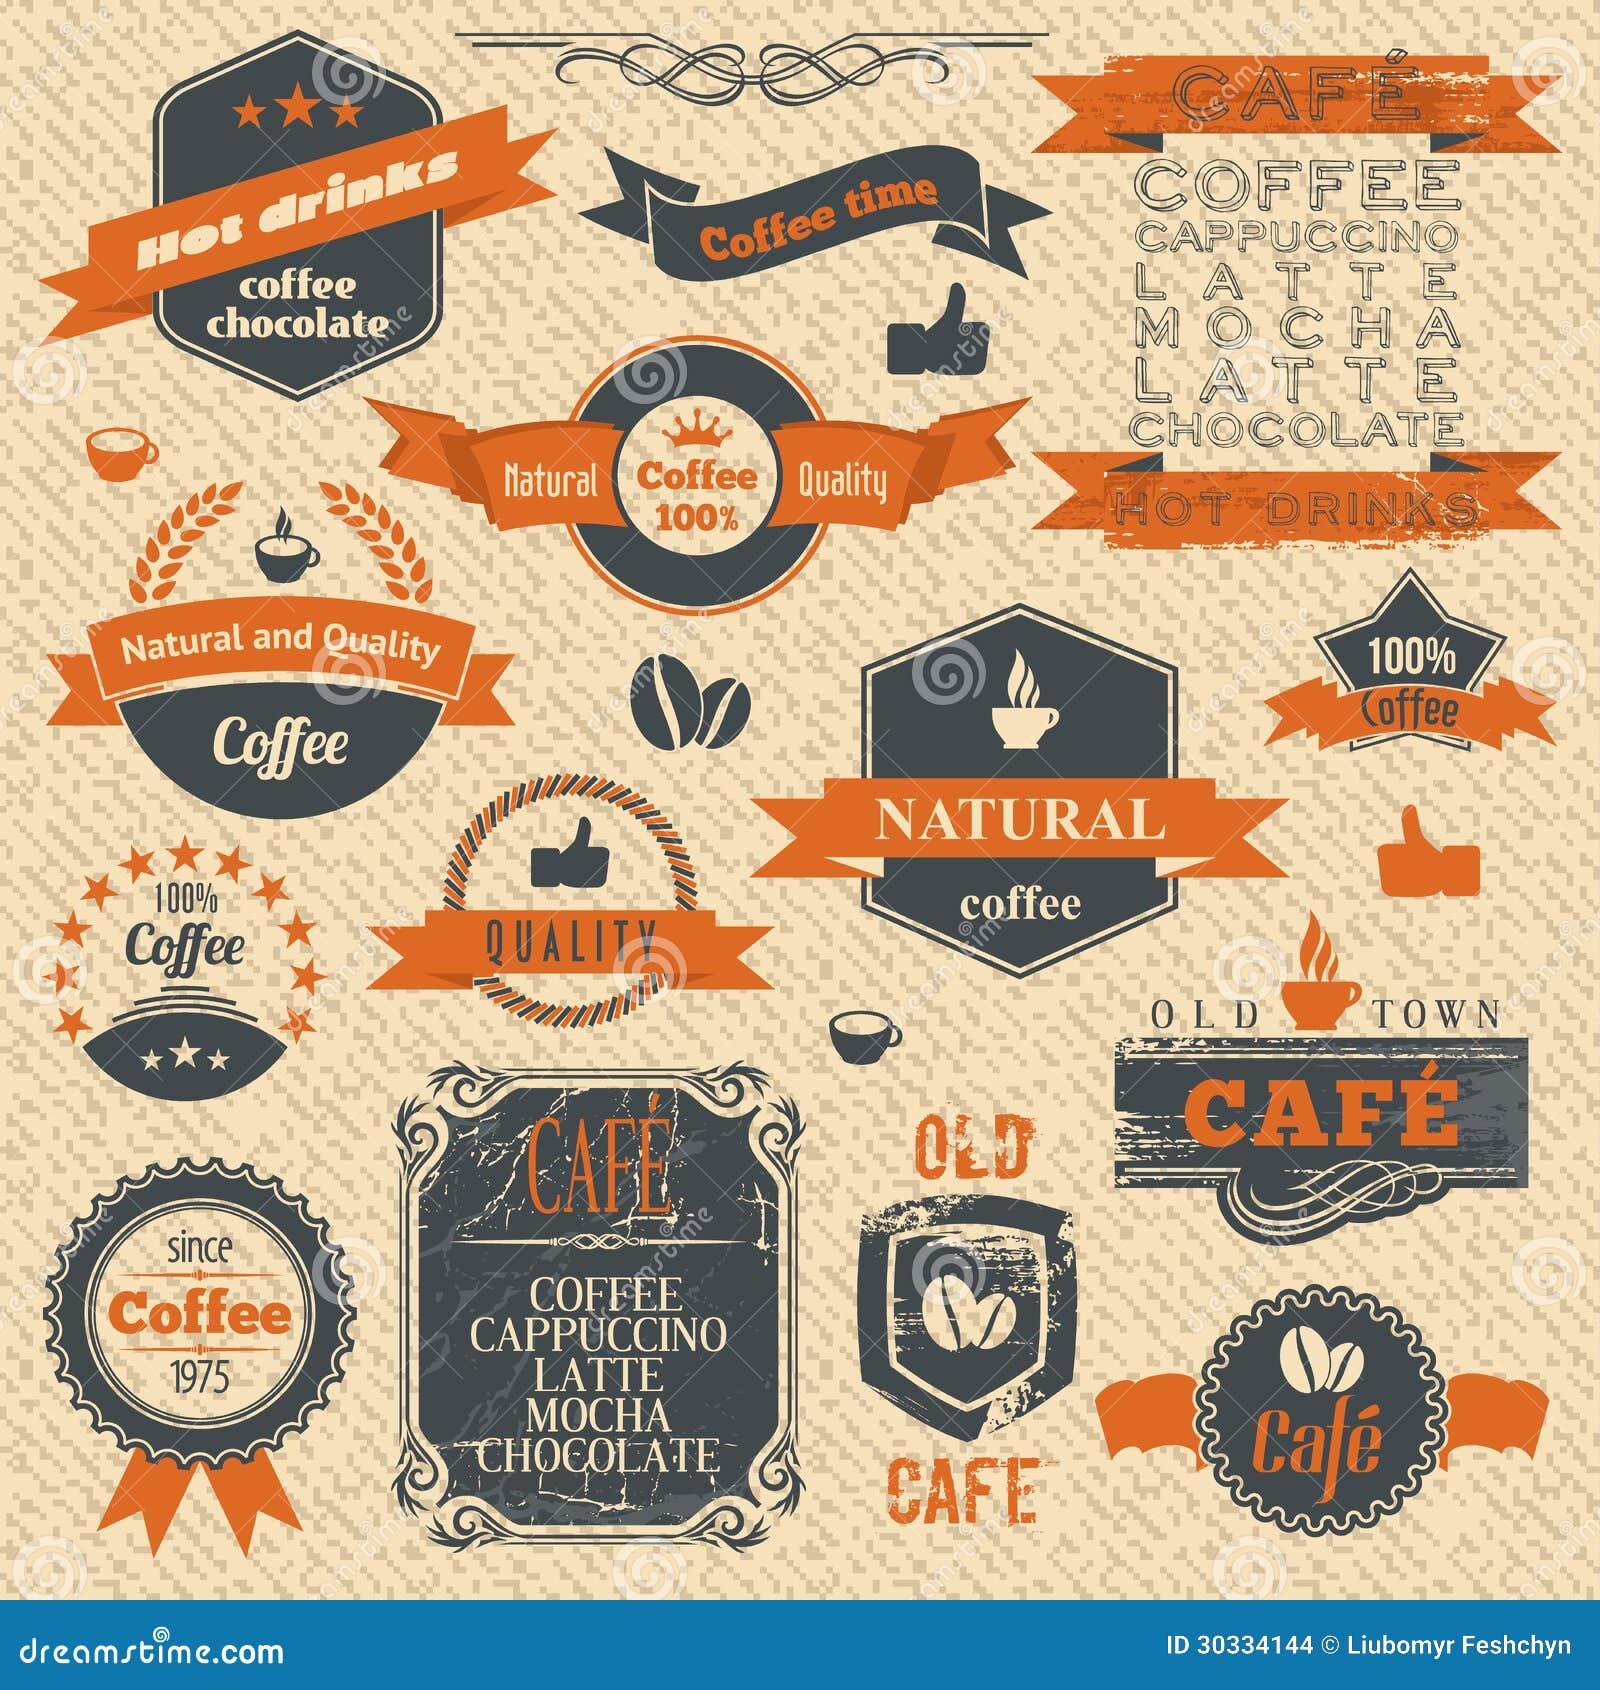 葡萄酒咖啡邮票和标签设计背景